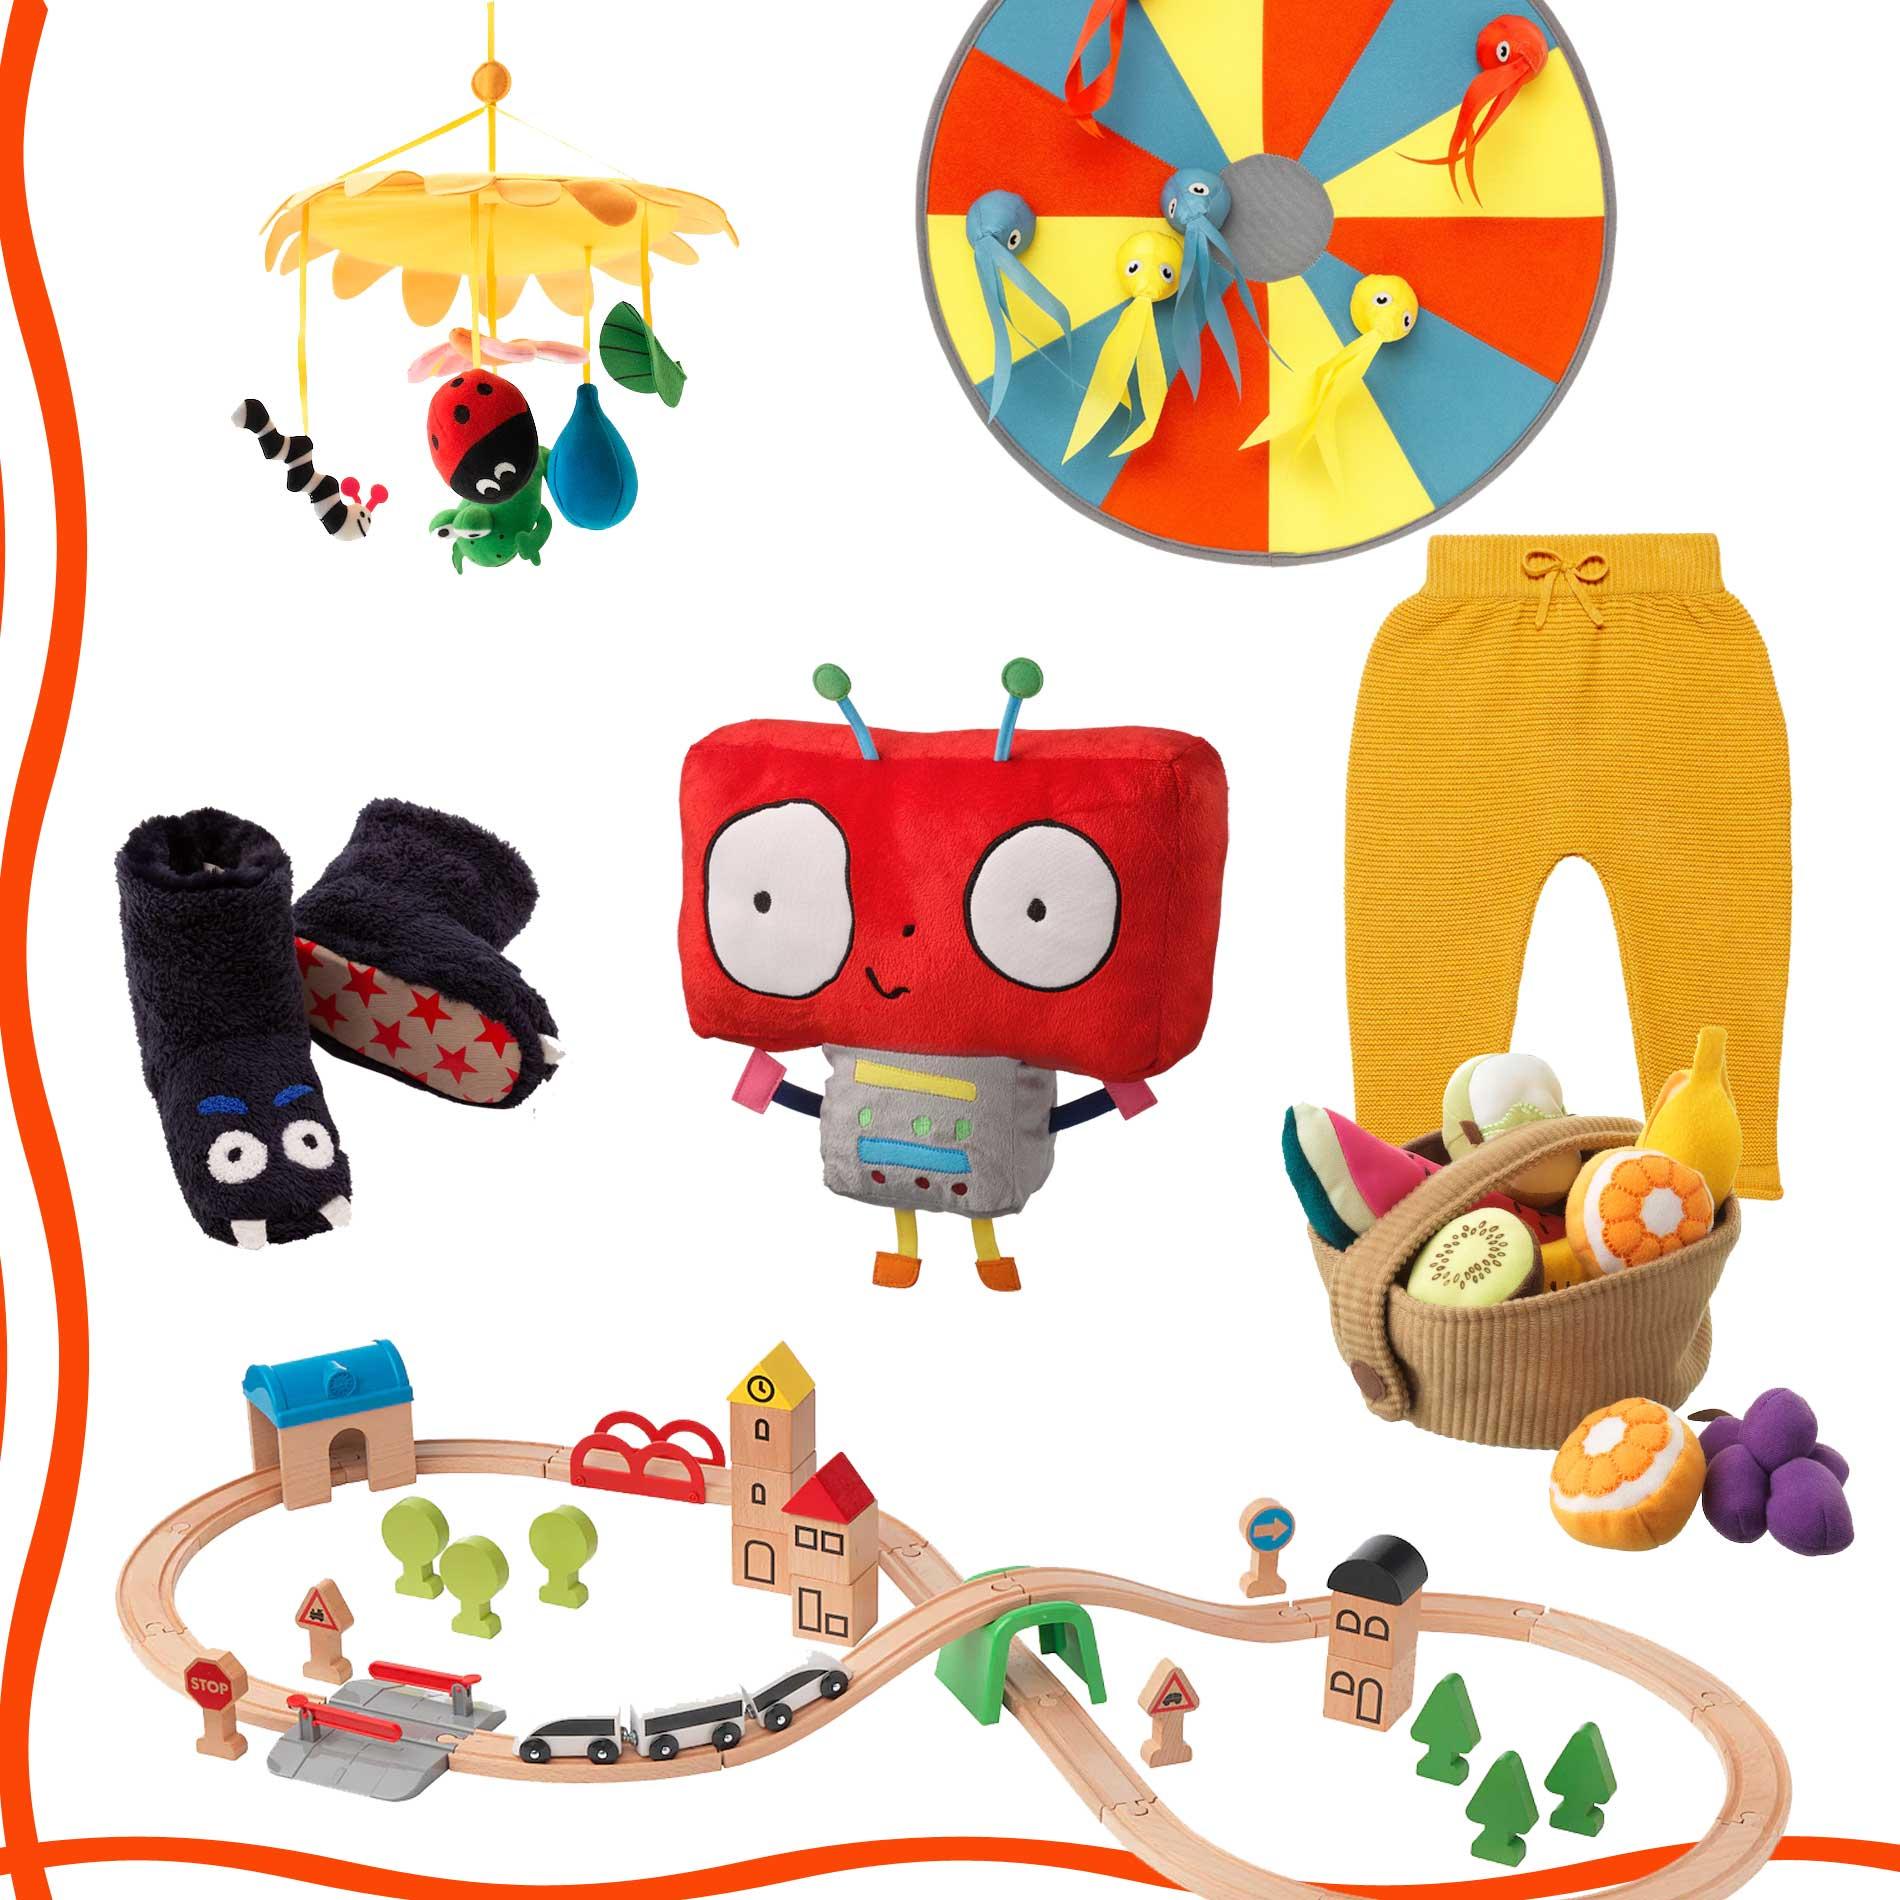 Geschenkideen für Kinder, Gift Guide für Kinder, Kinderspielzeug, Bücher, Stifte, Geschenkideen zu Weihnachten, Weihnachtsgeschenke für Kinder,